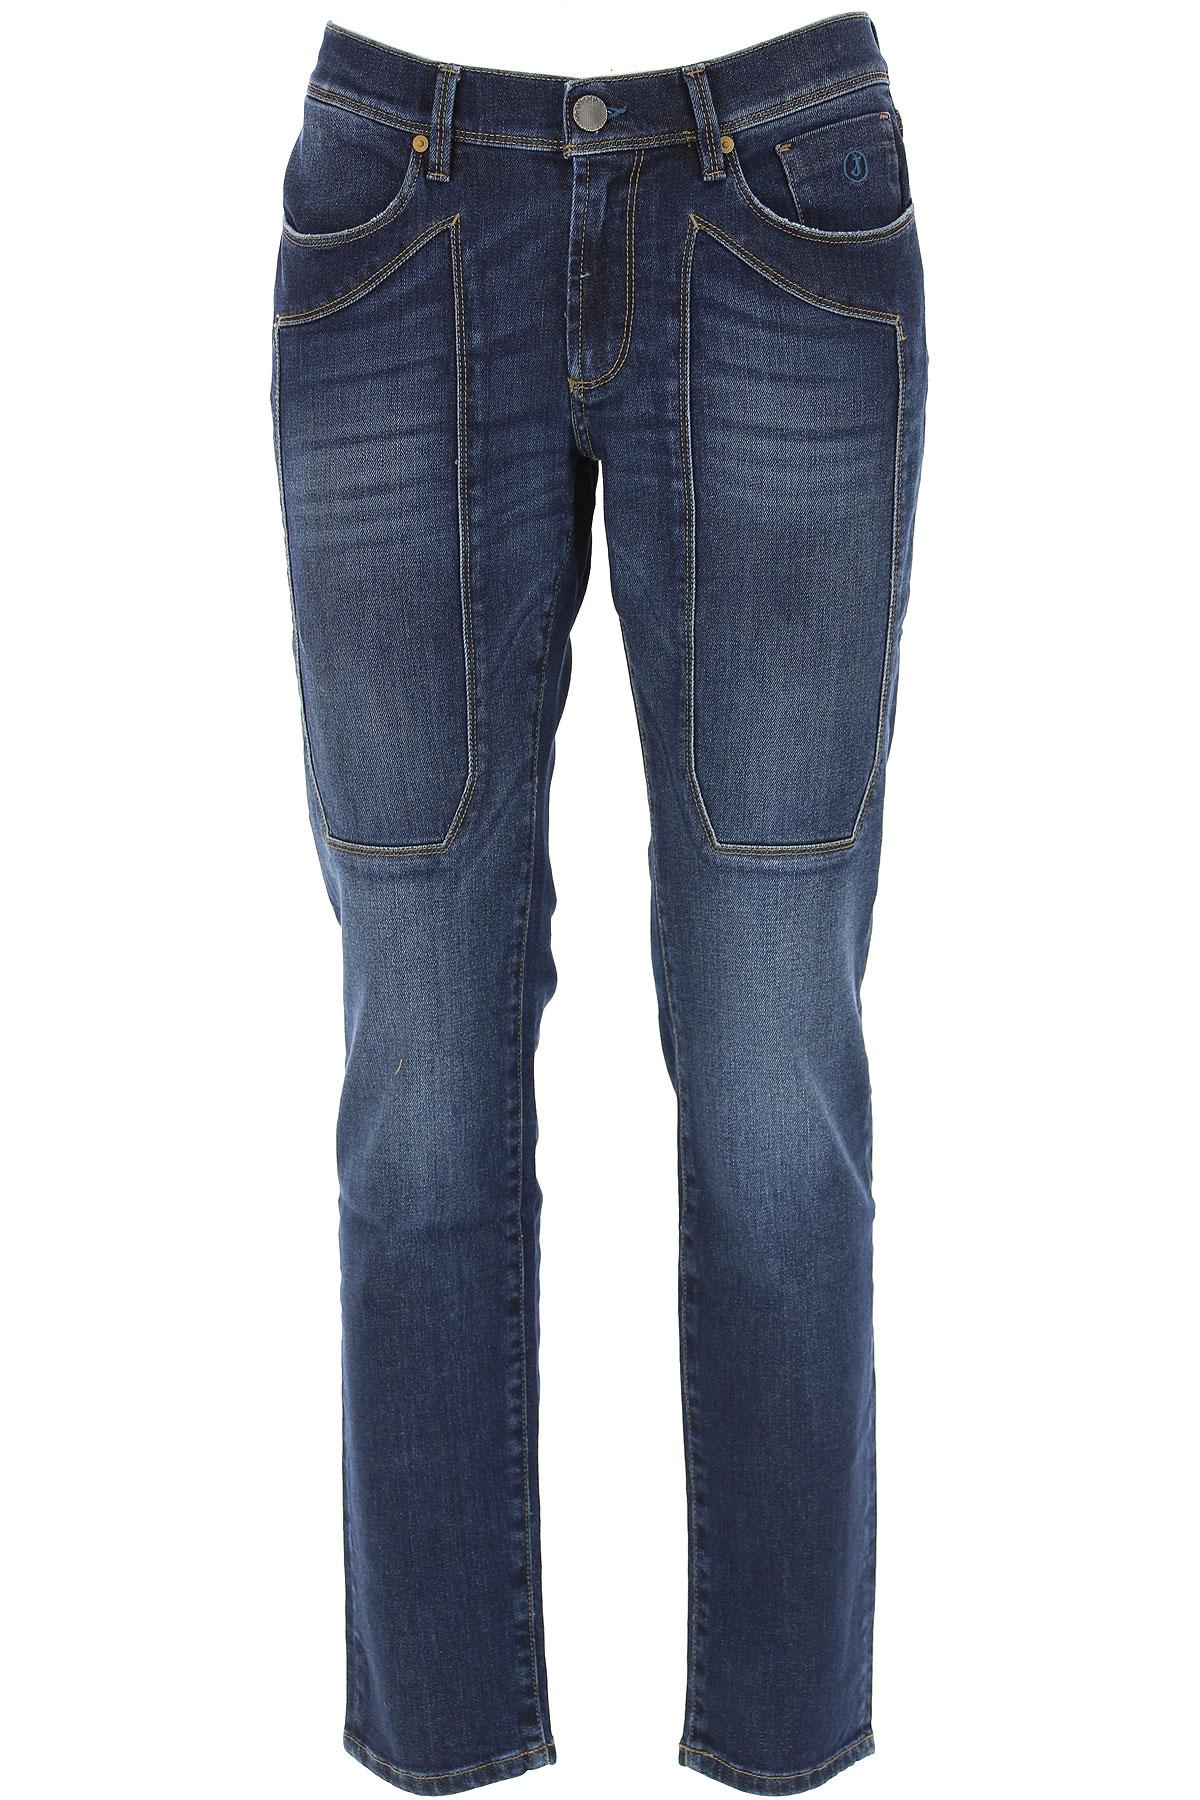 Jeckerson Jeans On Sale, Denim Blue, Cotton, 2019, 30 34